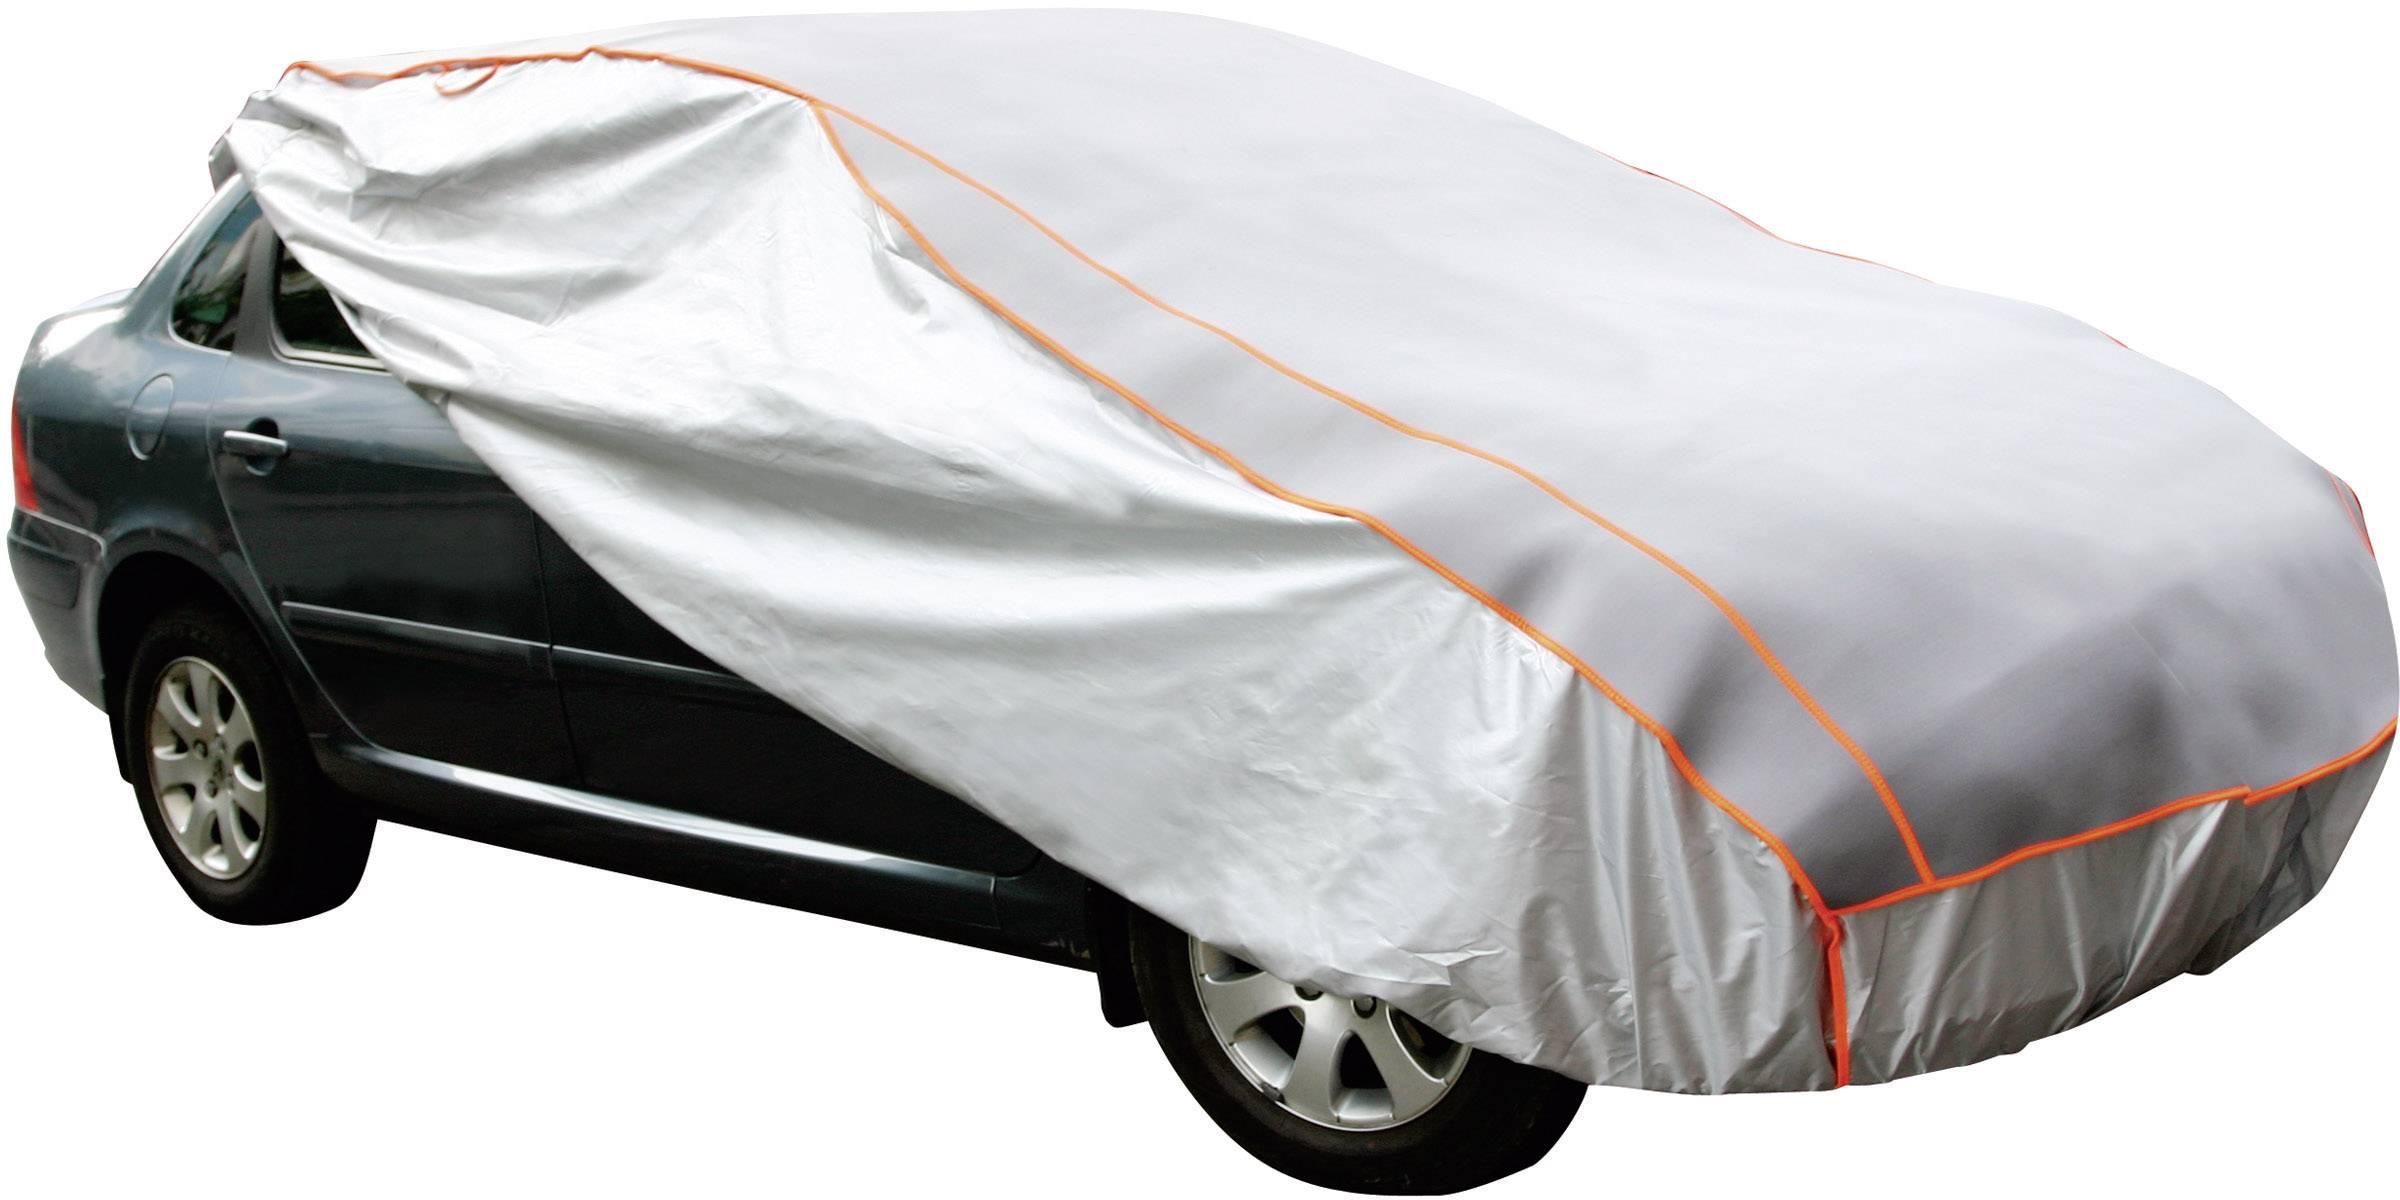 Plachta na automobil ochranná 18269 (d x š x v) 480 x 177 x 120 cm